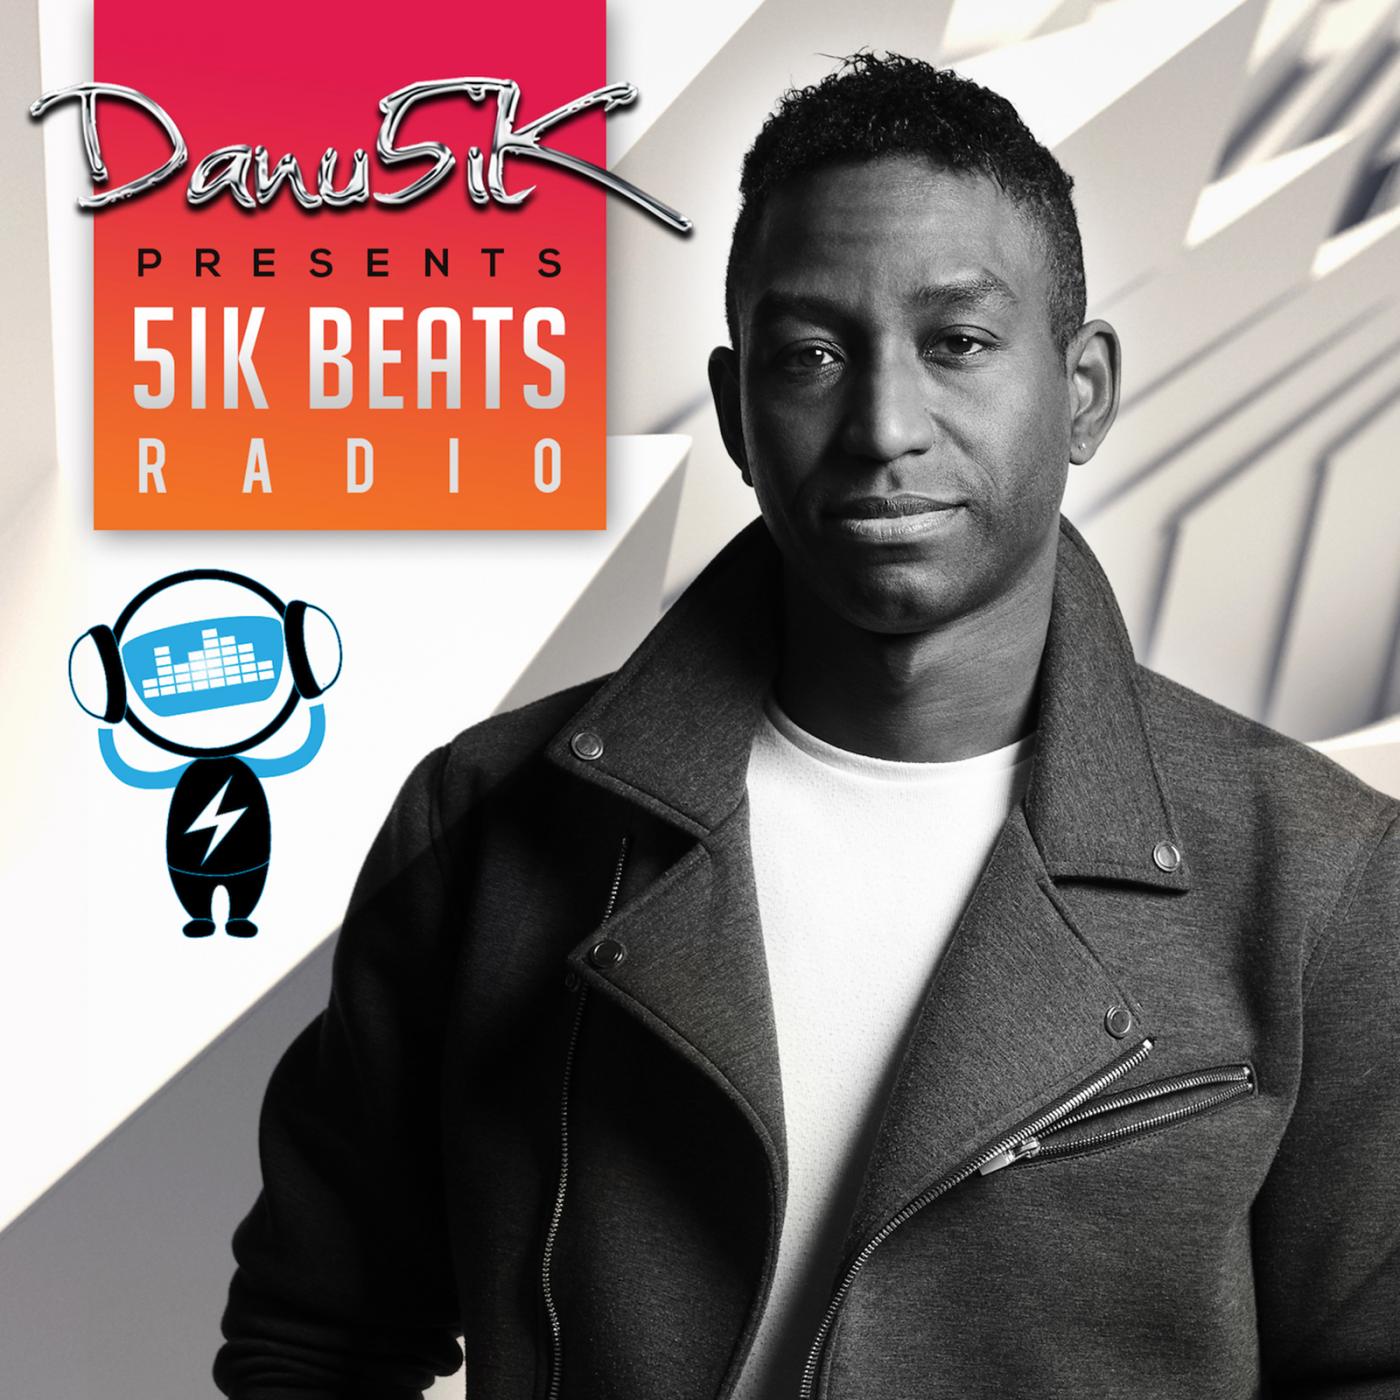 5ik Beats Radio 100 | Danu5ik